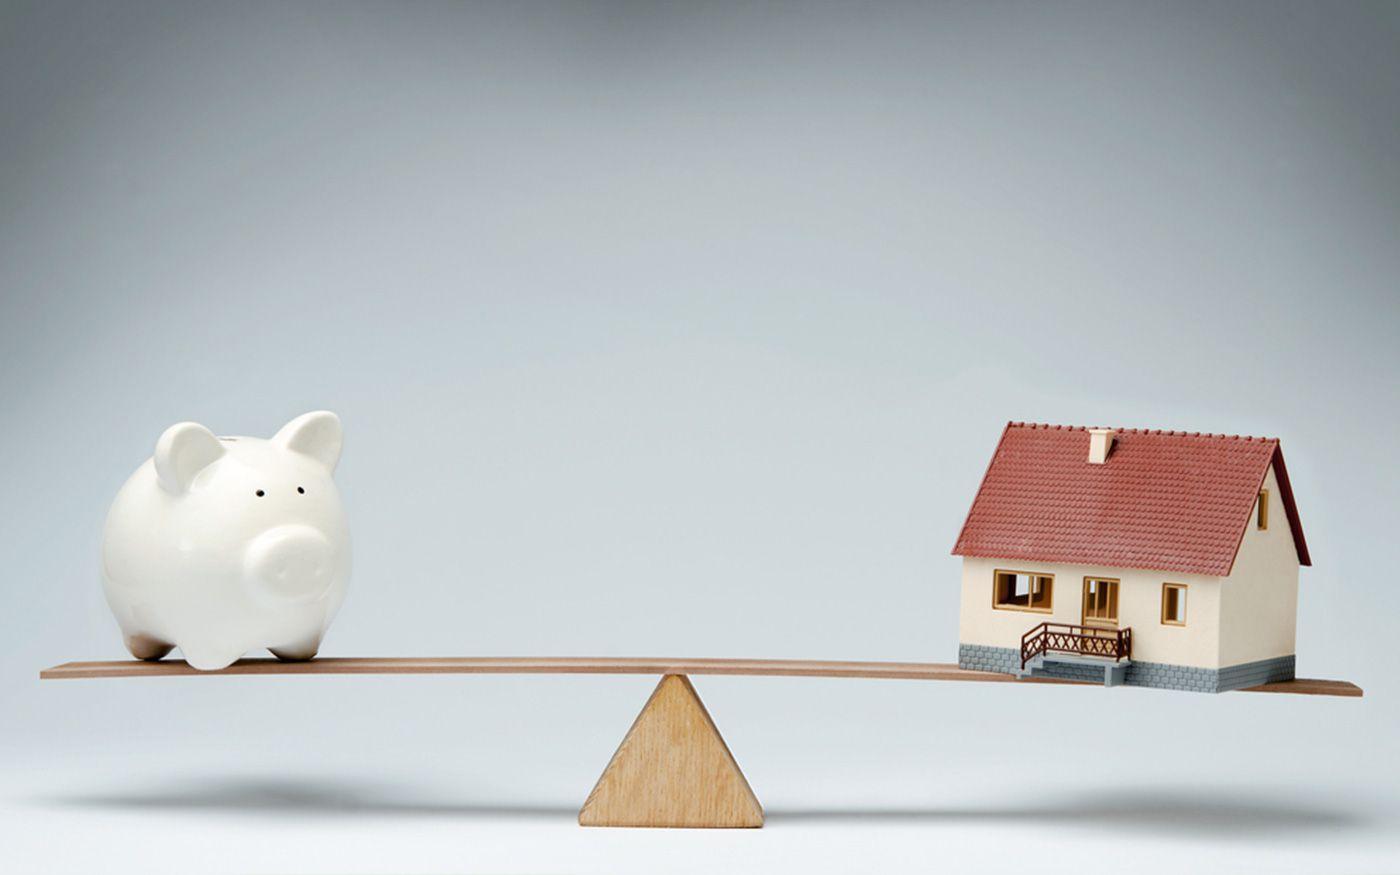 Acheter une maison : première étape, revoyez votre budget